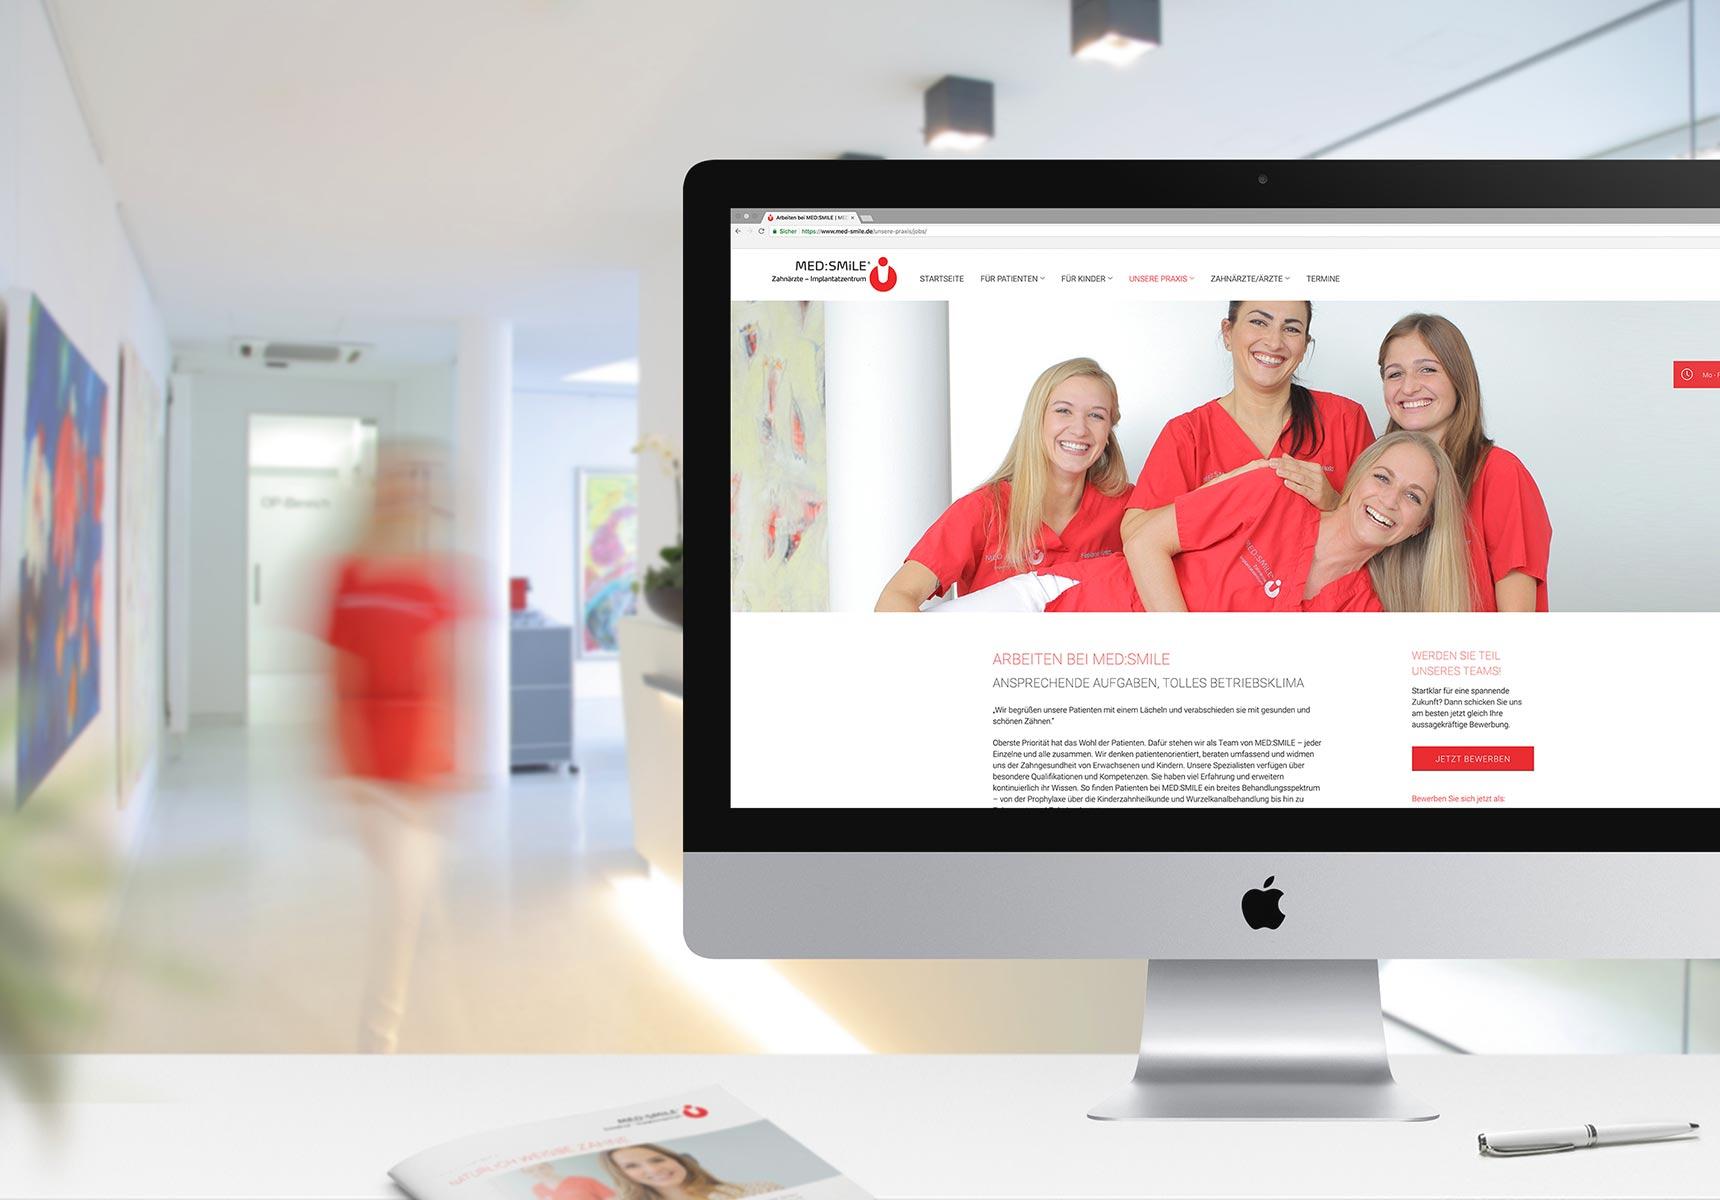 lr praxismarketing medsmile zahnarzt webdesign webseite jobs 1 - Langenstein & Reichenthaler - Agentur für Praxismarketing